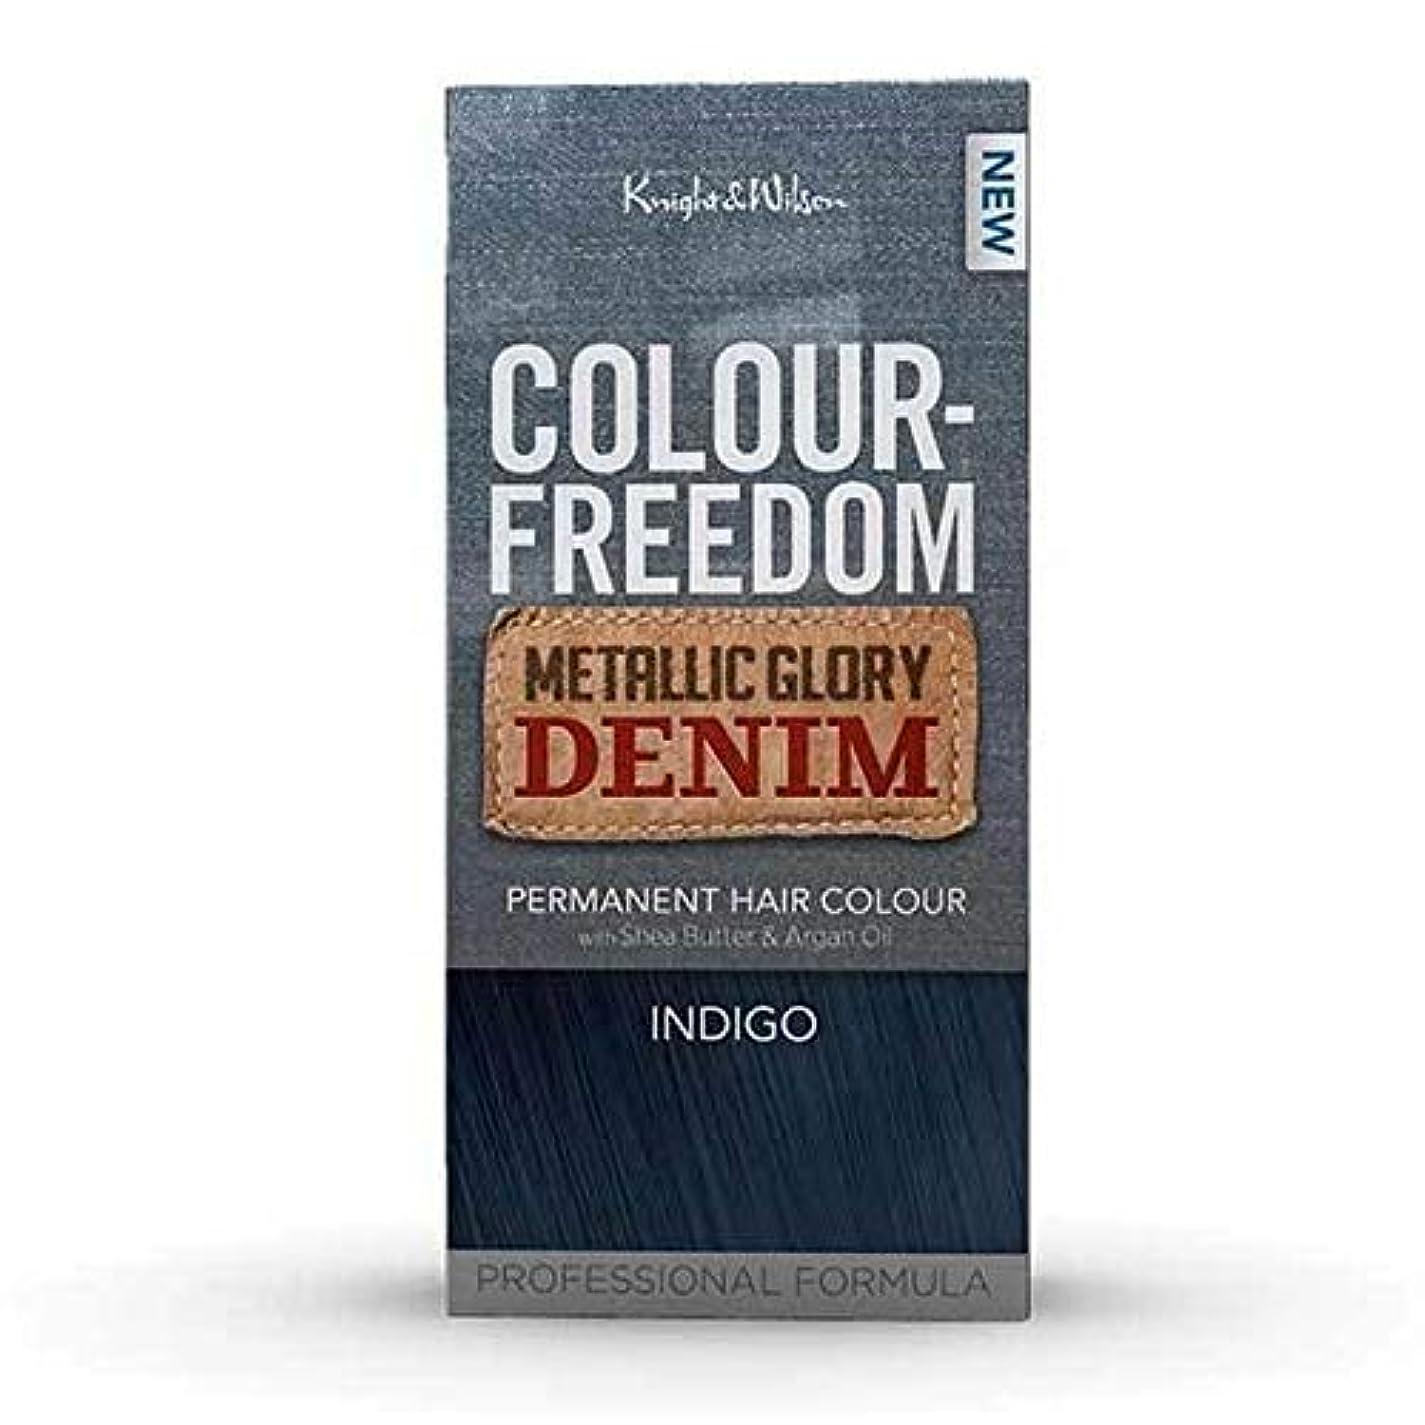 モックバーチャルソロ[Colour Freedom ] カラー自由メタリック栄光デニムインディゴ - Colour Freedom Metallic Glory Denim Indigo [並行輸入品]